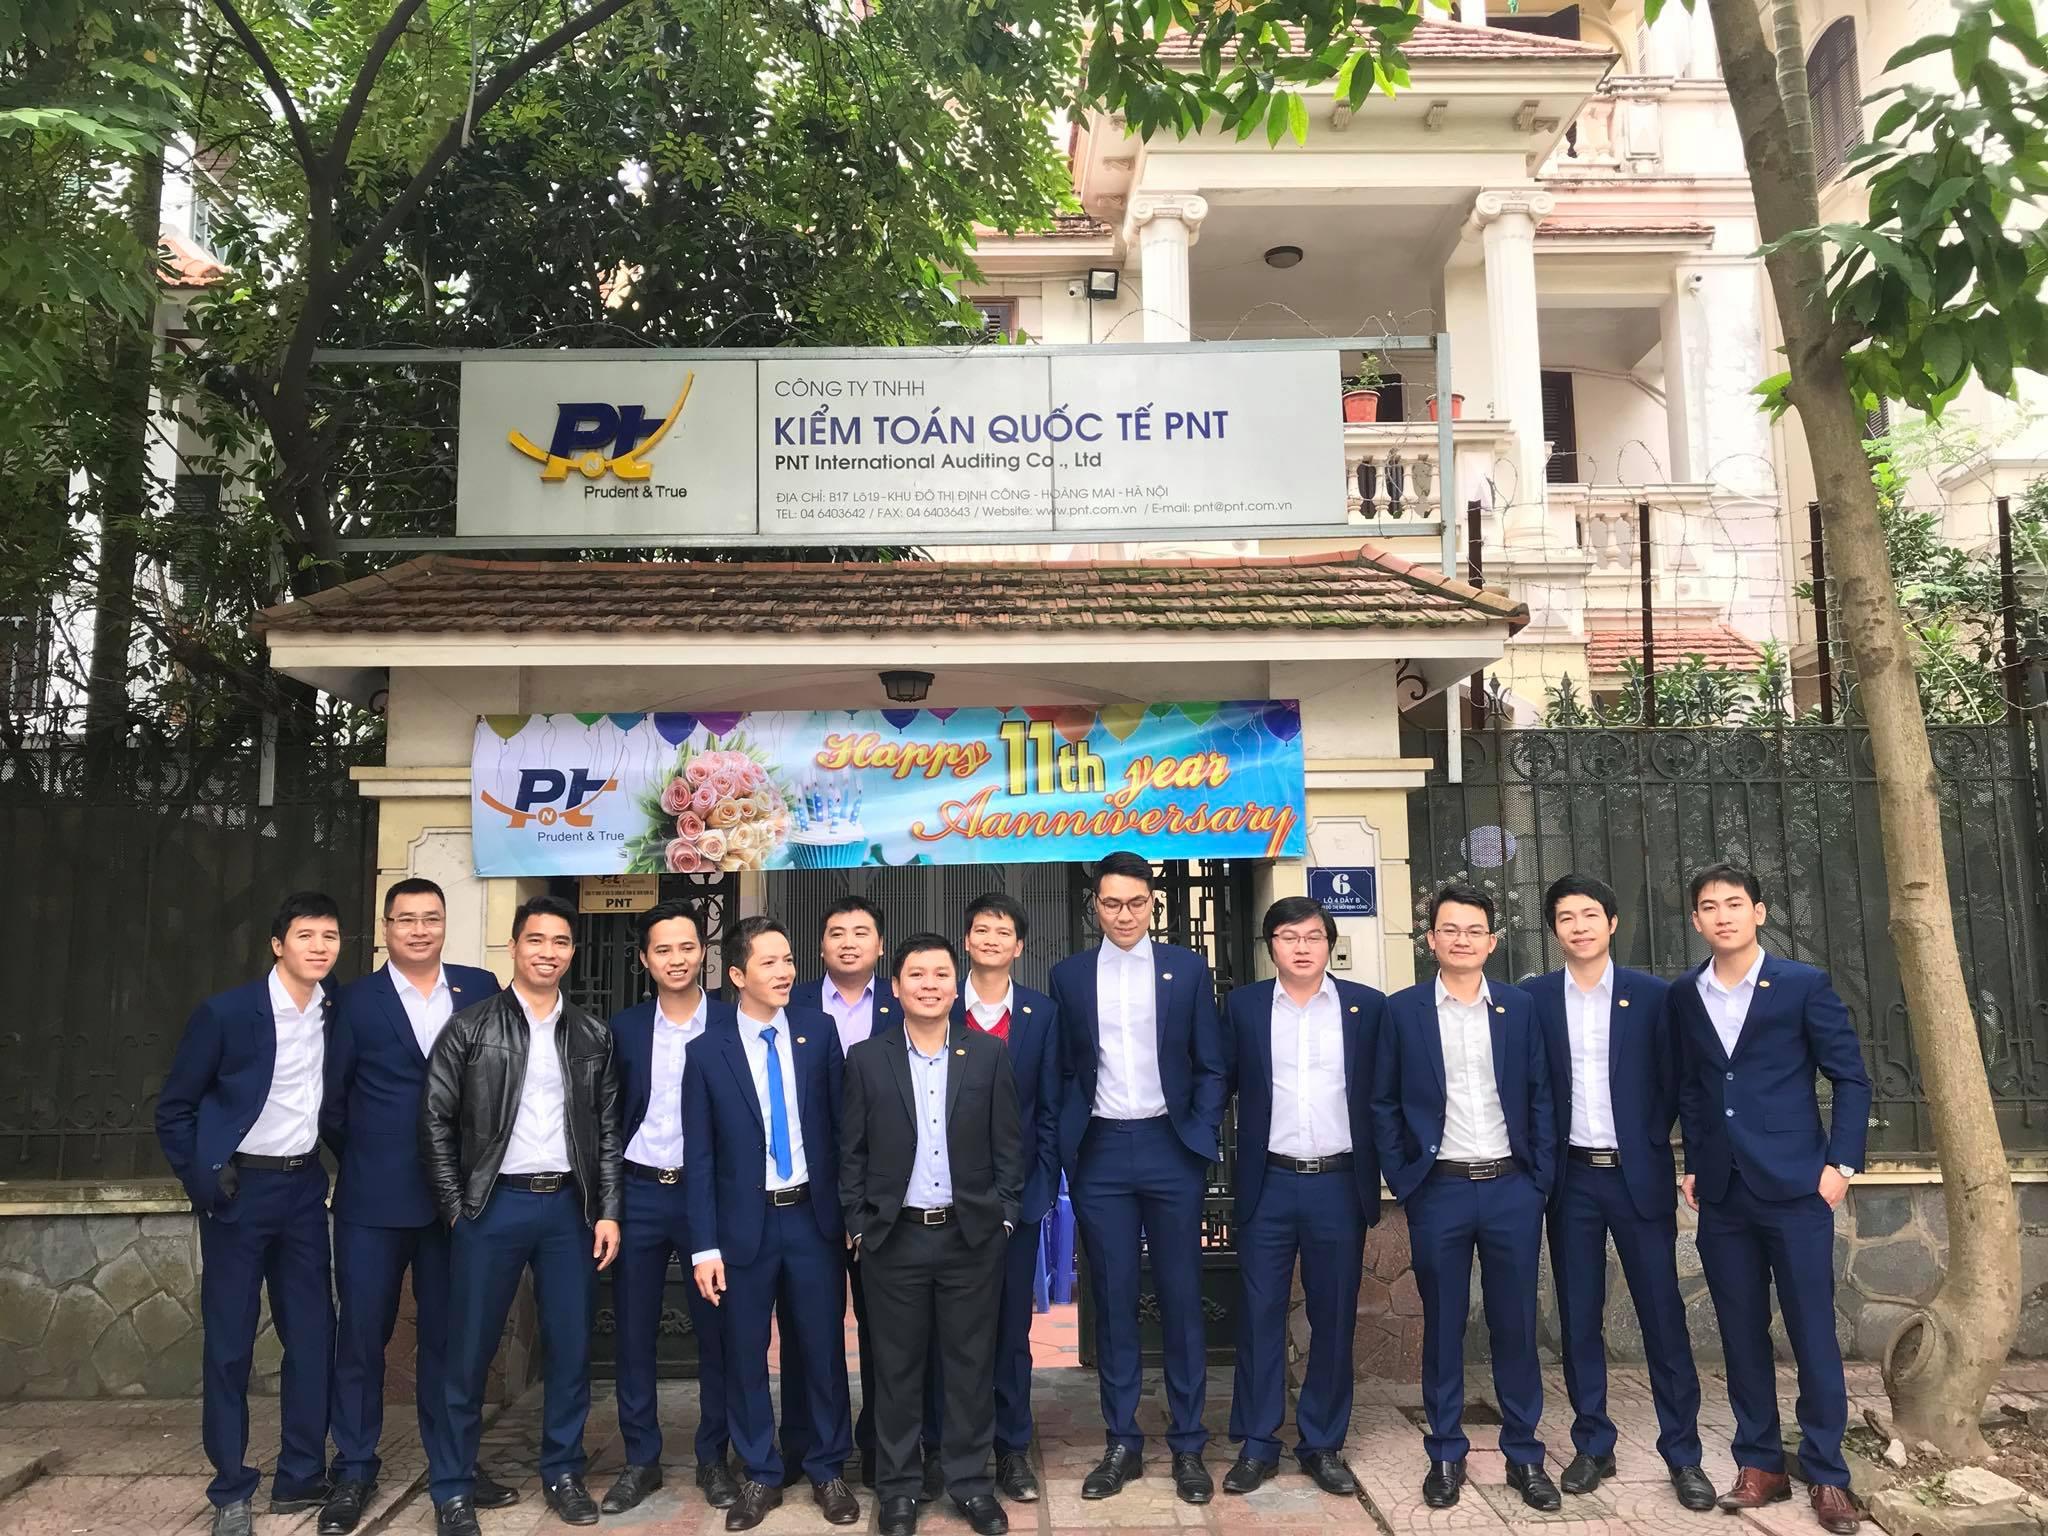 Kỷ niệm 11 năm thành lập PNT